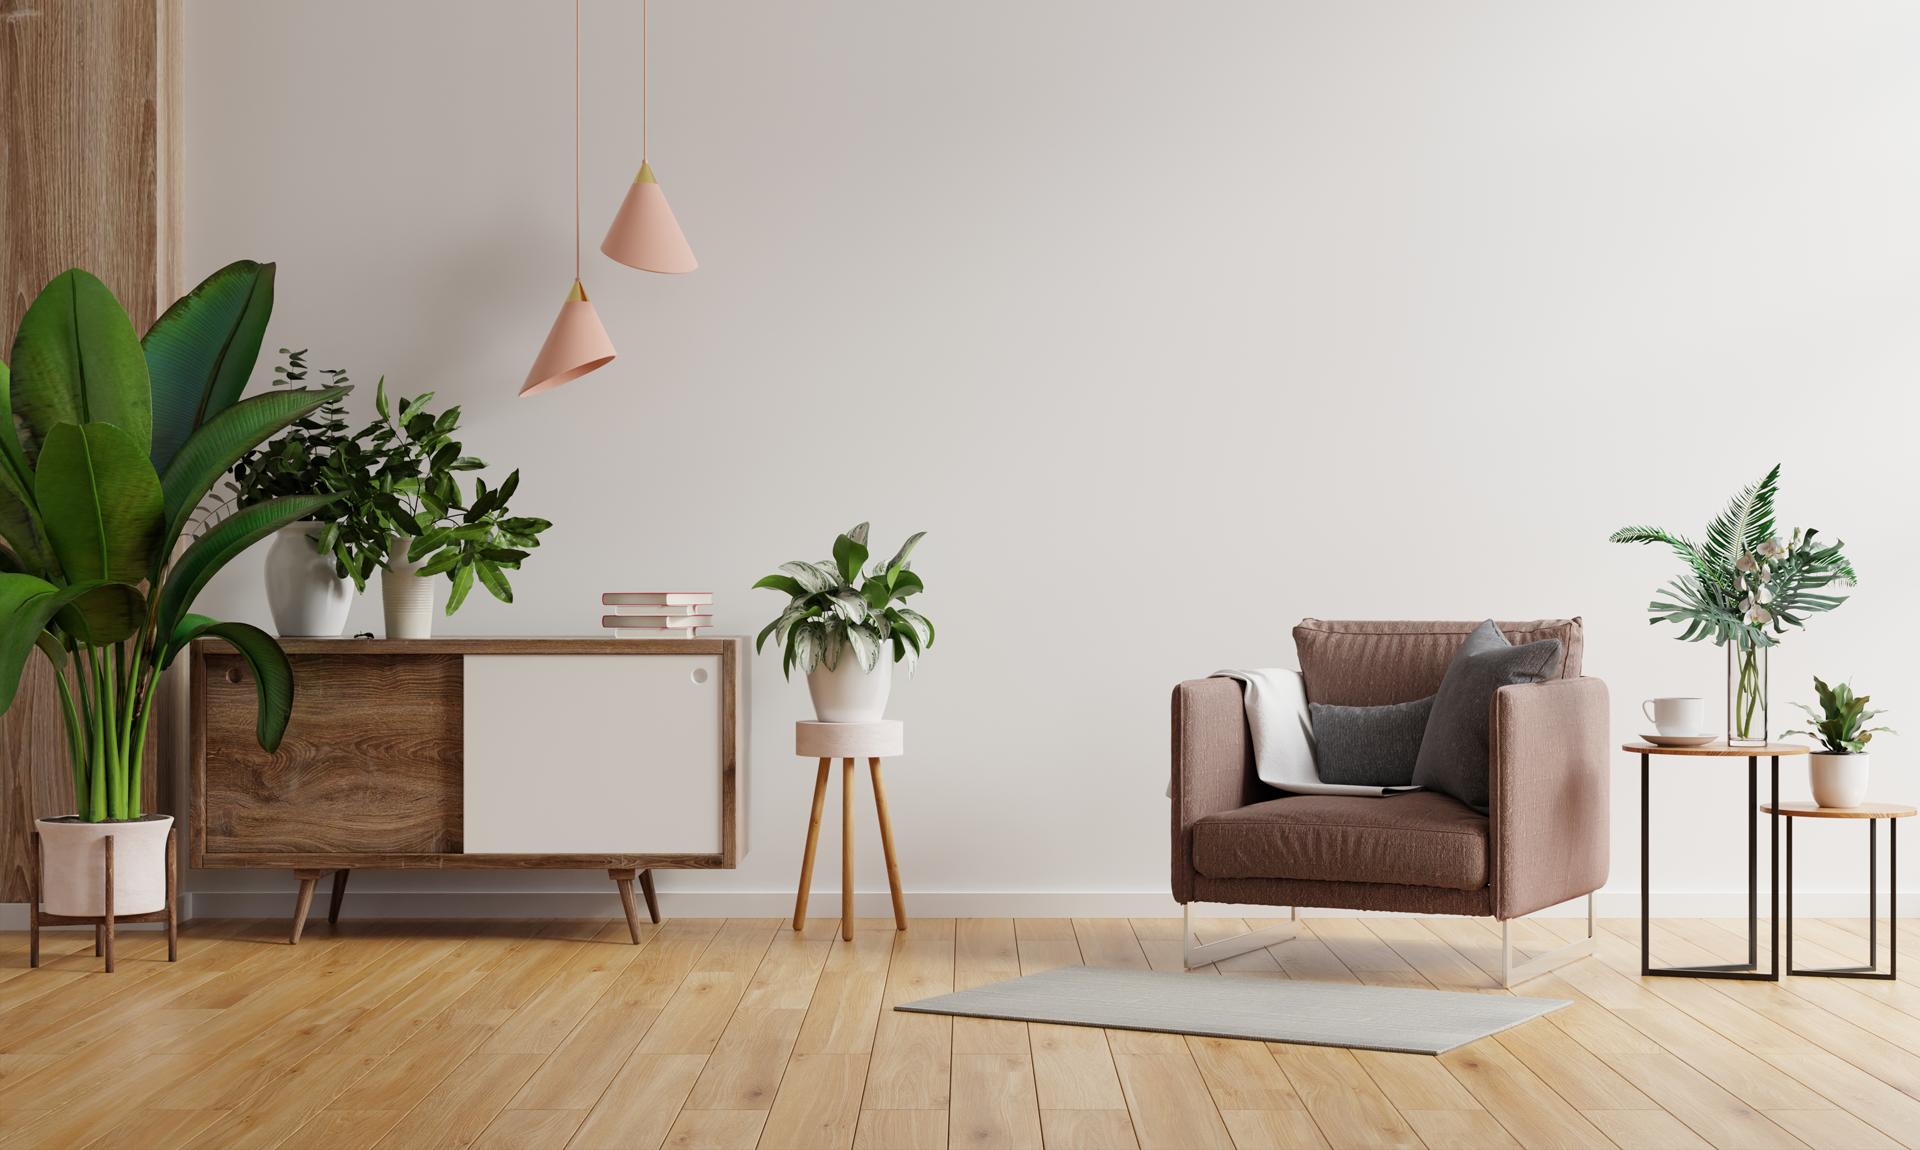 Arredamento italiano/italian furniture 2